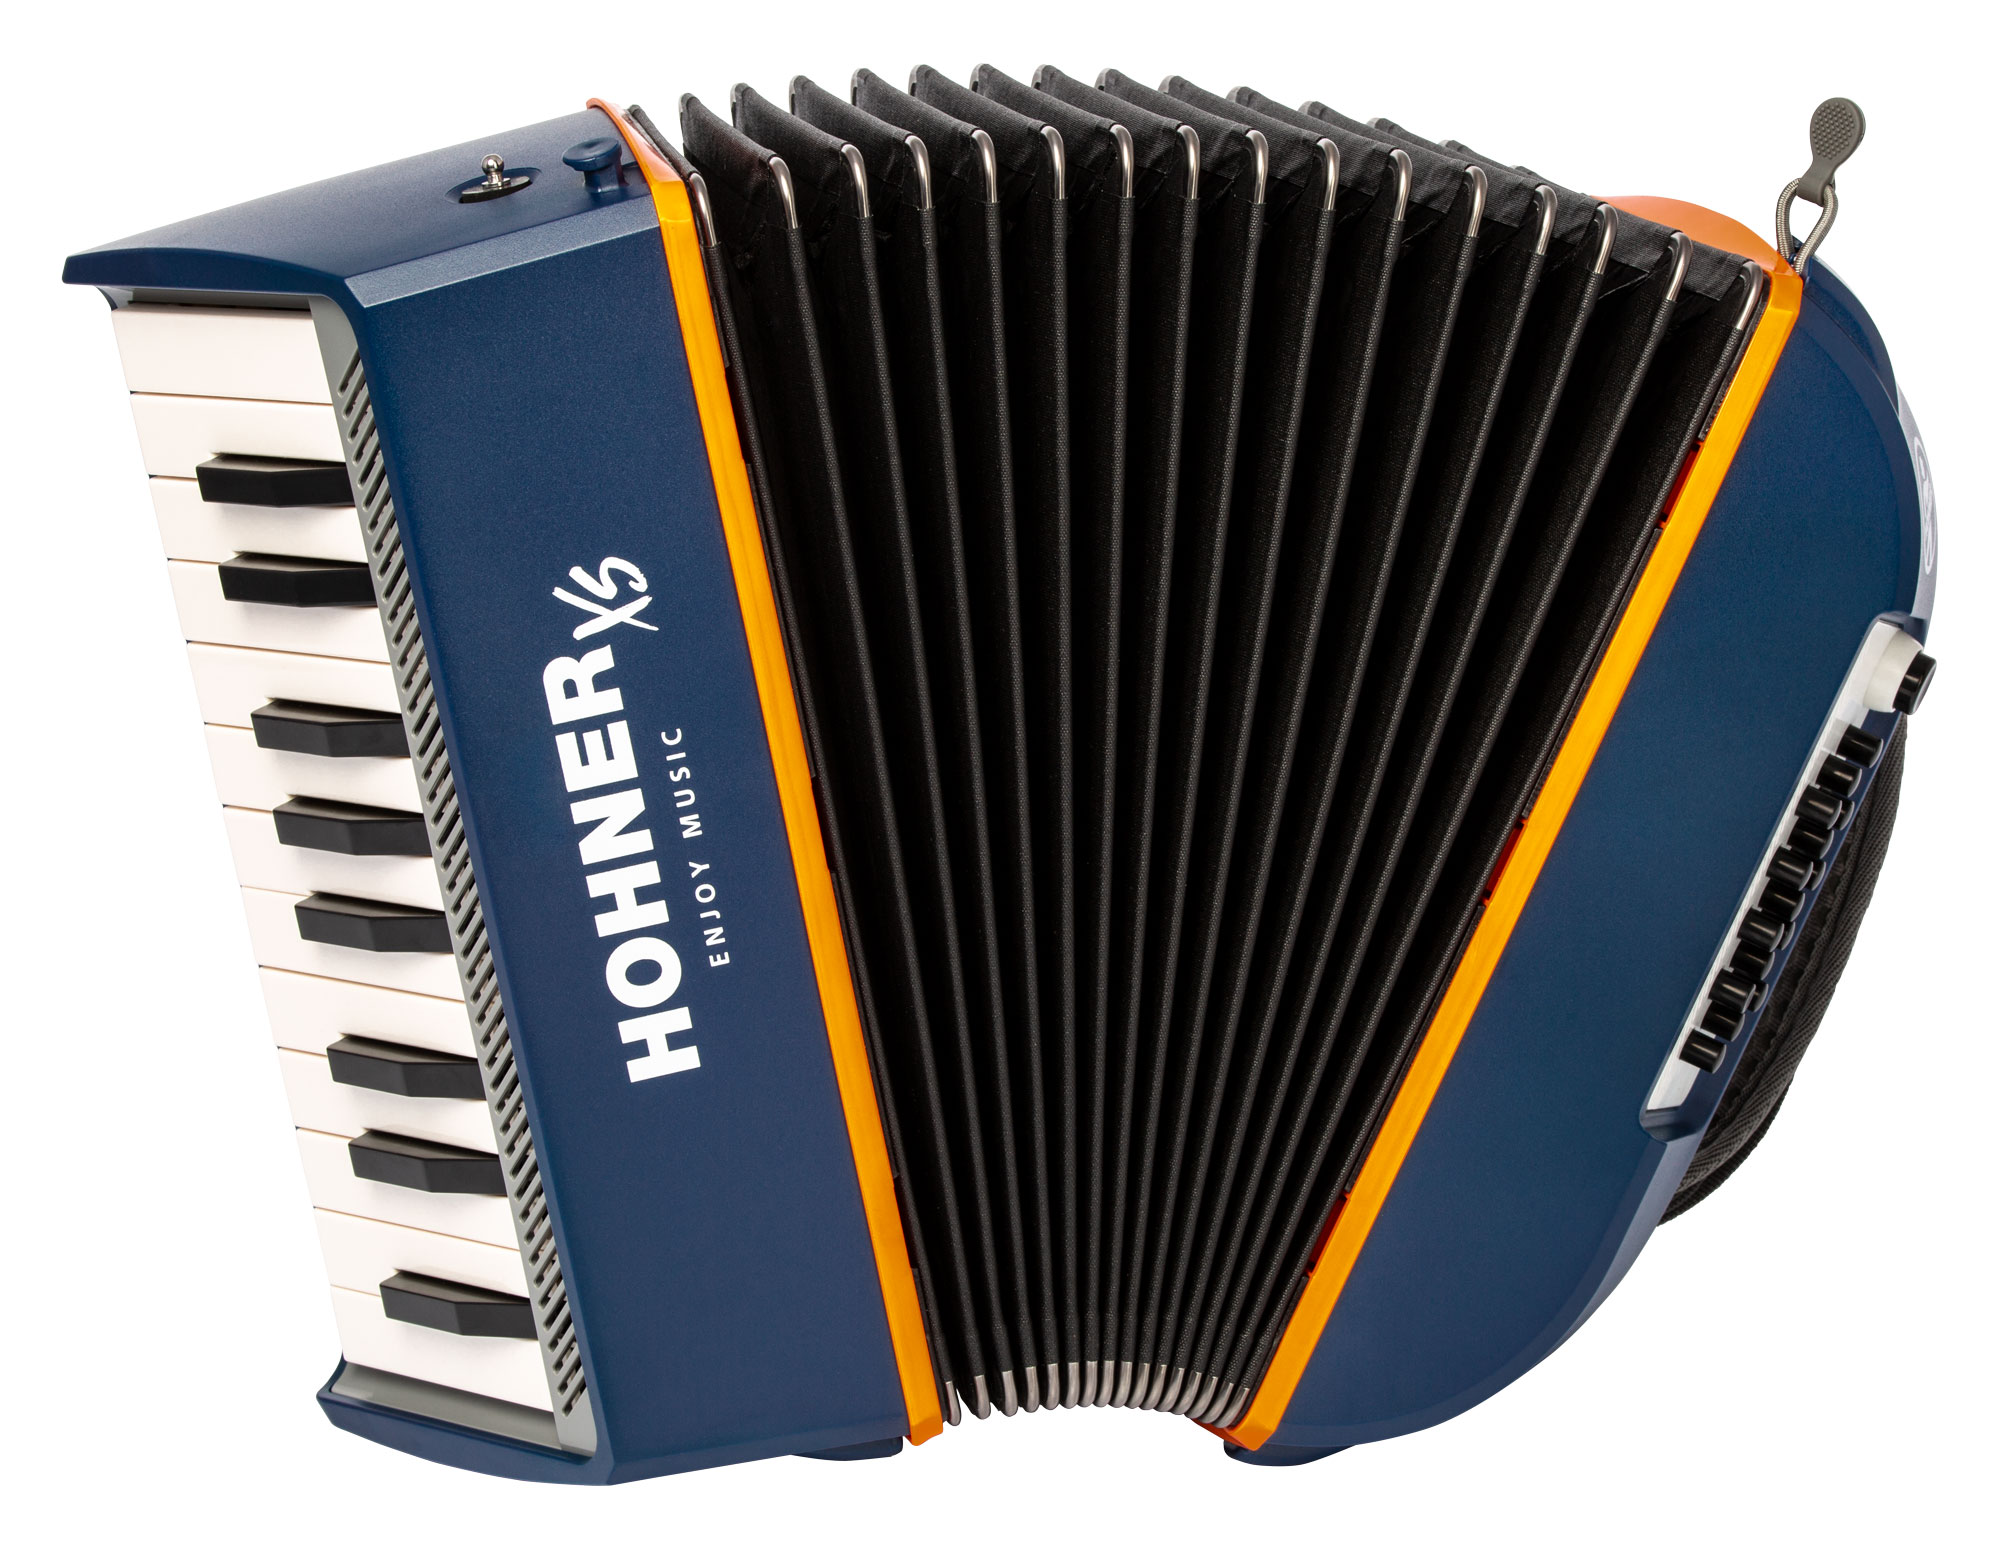 Hohner XS Kinder-Akkordeon blau-orange